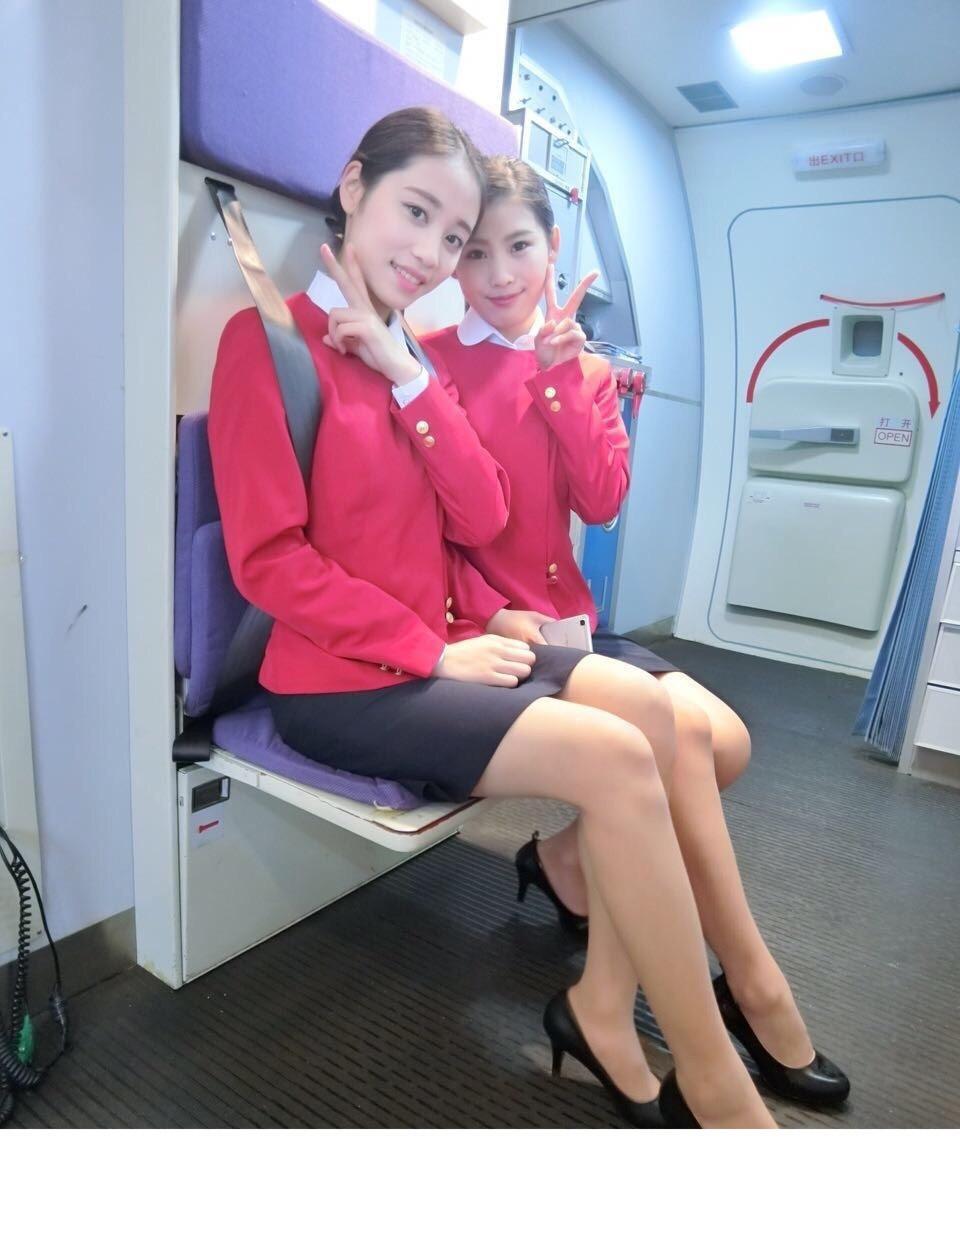 空姐穿丝袜图片